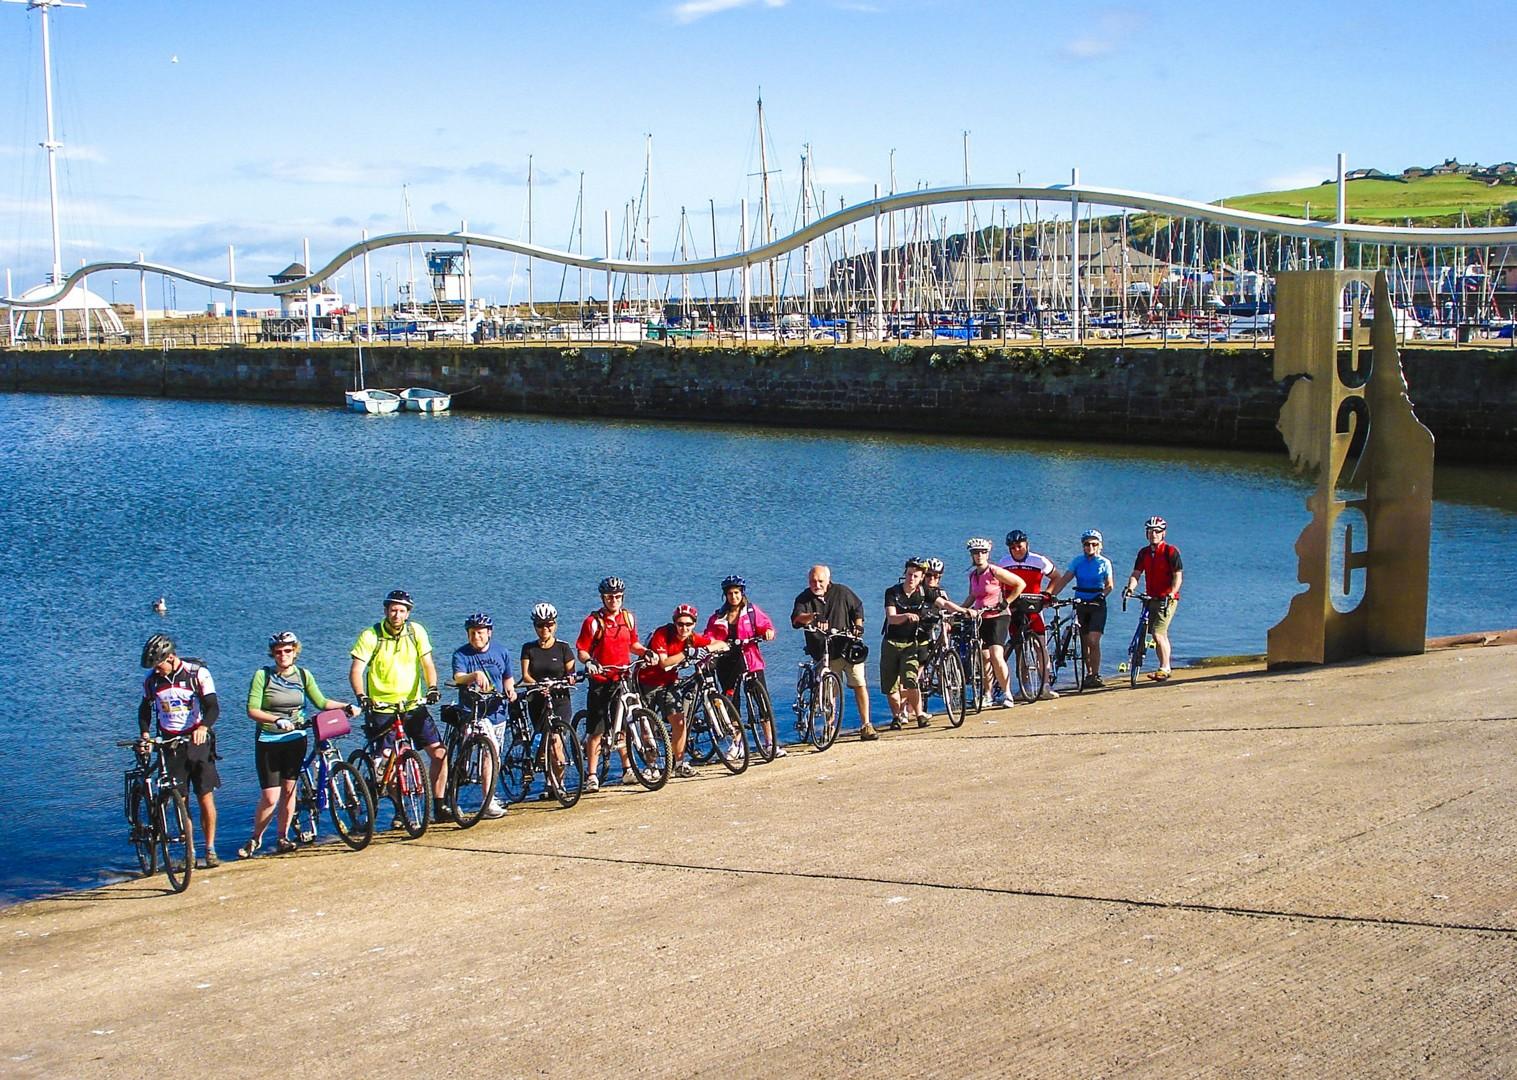 whitehaven-c2c-coast-to-coast-uk-cycling-tour.jpg - UK - C2C - Coast to Coast 4 Days Cycling - Self-Guided Leisure Cycling Holiday - Leisure Cycling